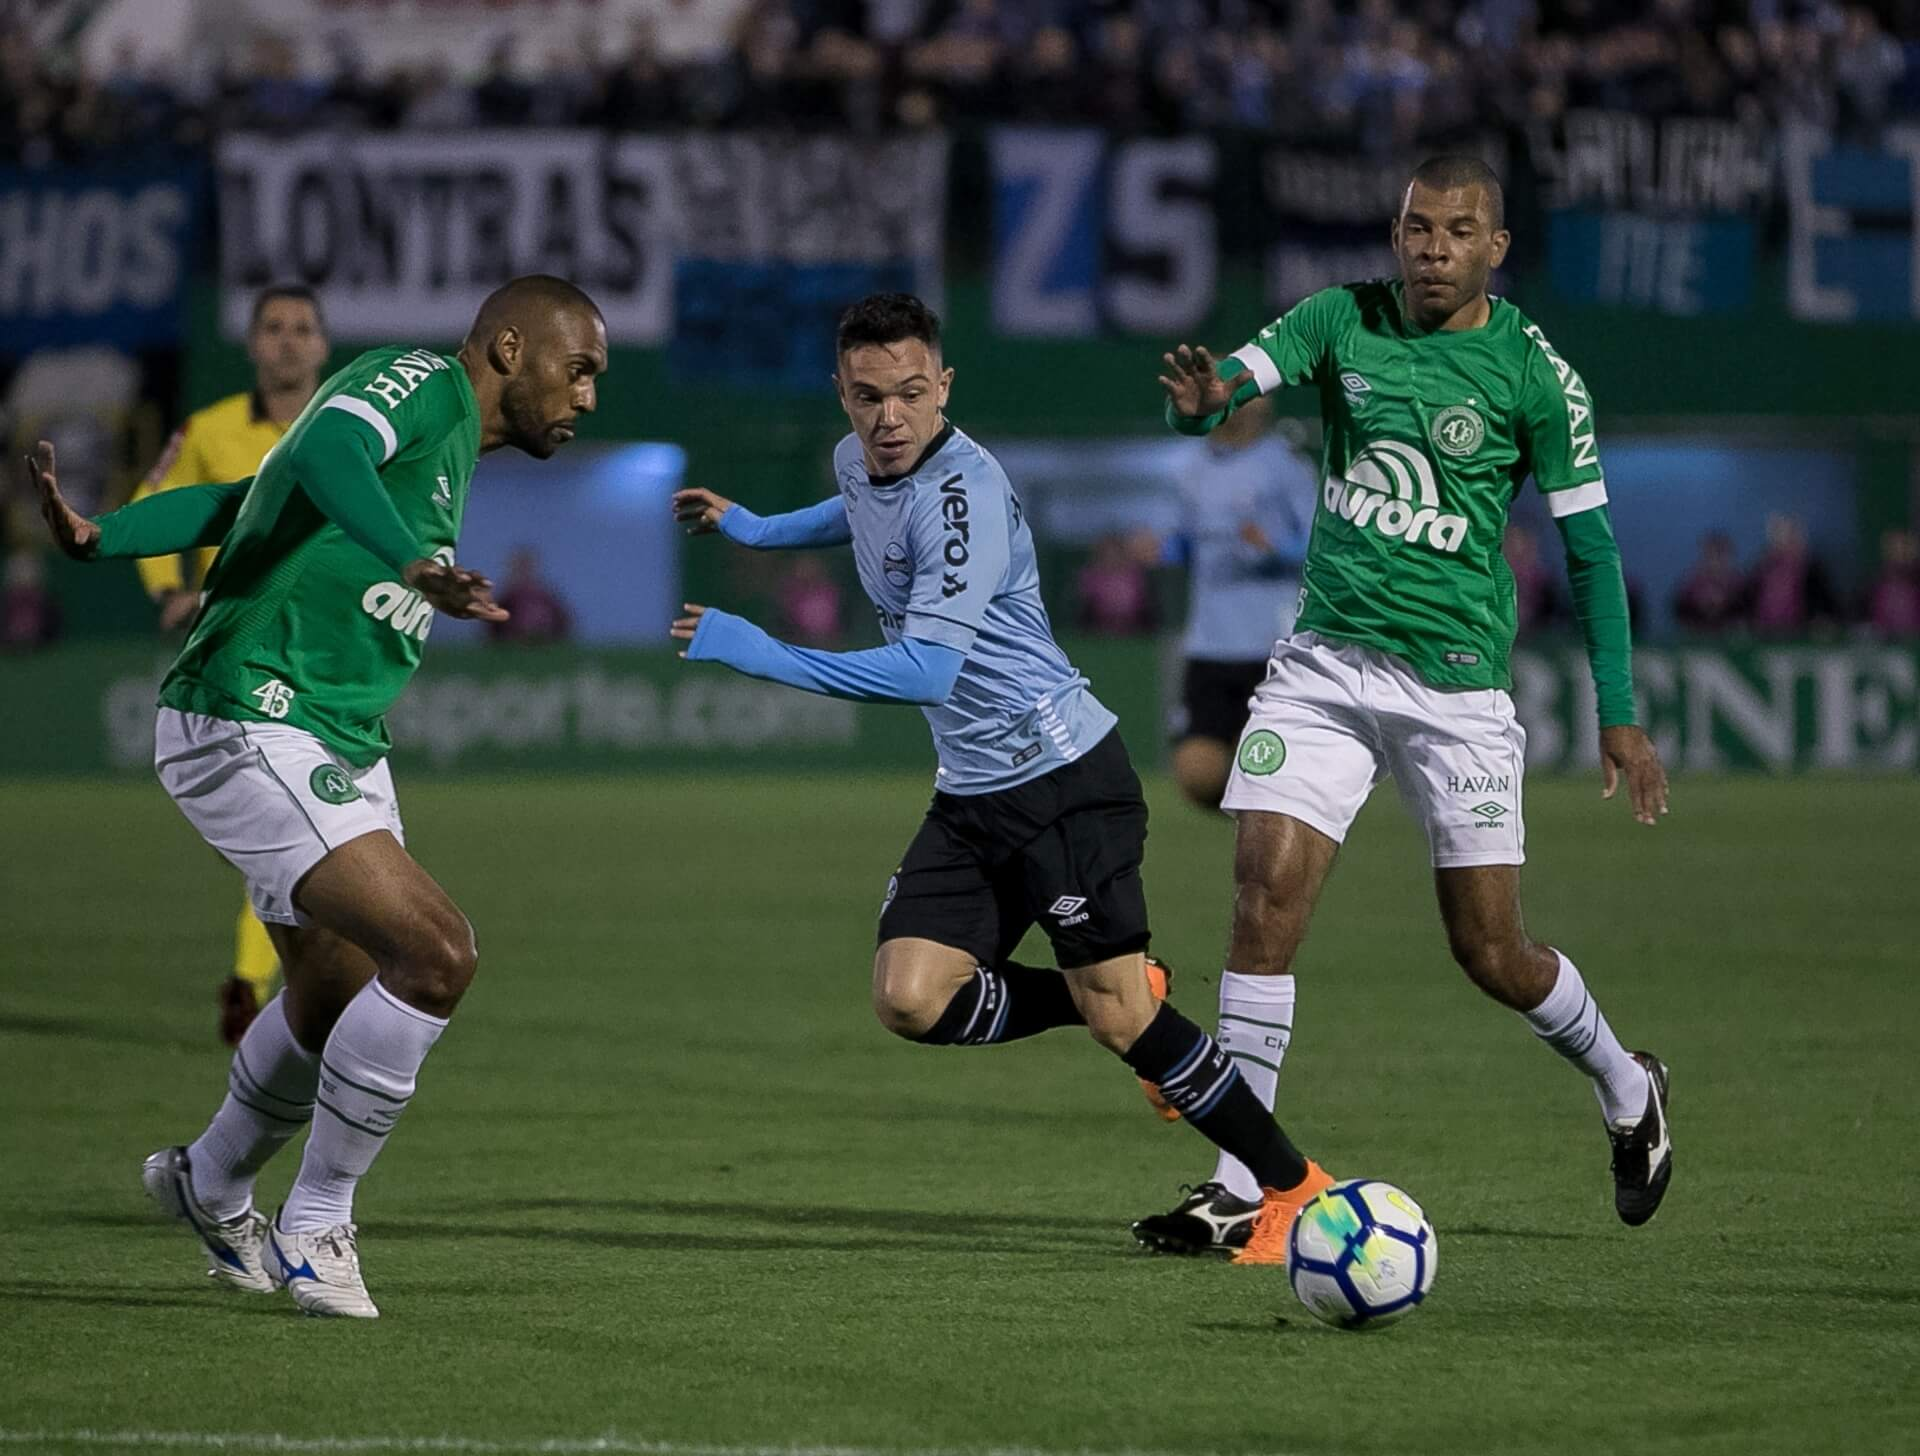 Com time reserva, Grêmio até impôs seu jogo no início, mas depois sofreu fisicamente na Arena Condá.